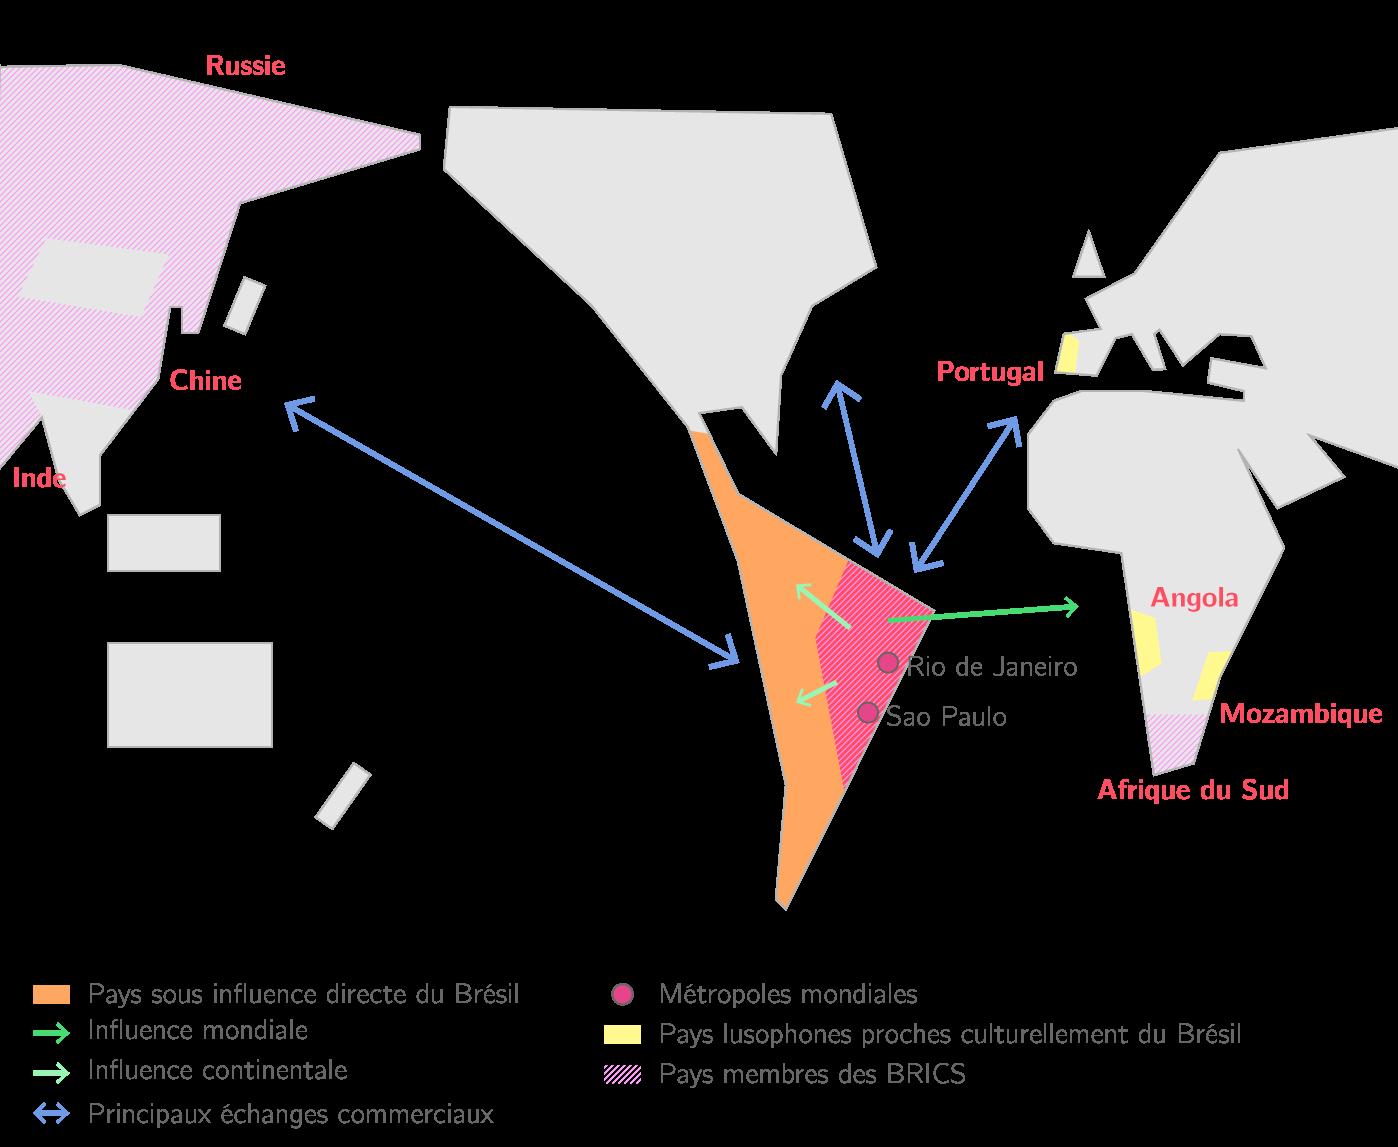 Le rôle mondial du Brésil